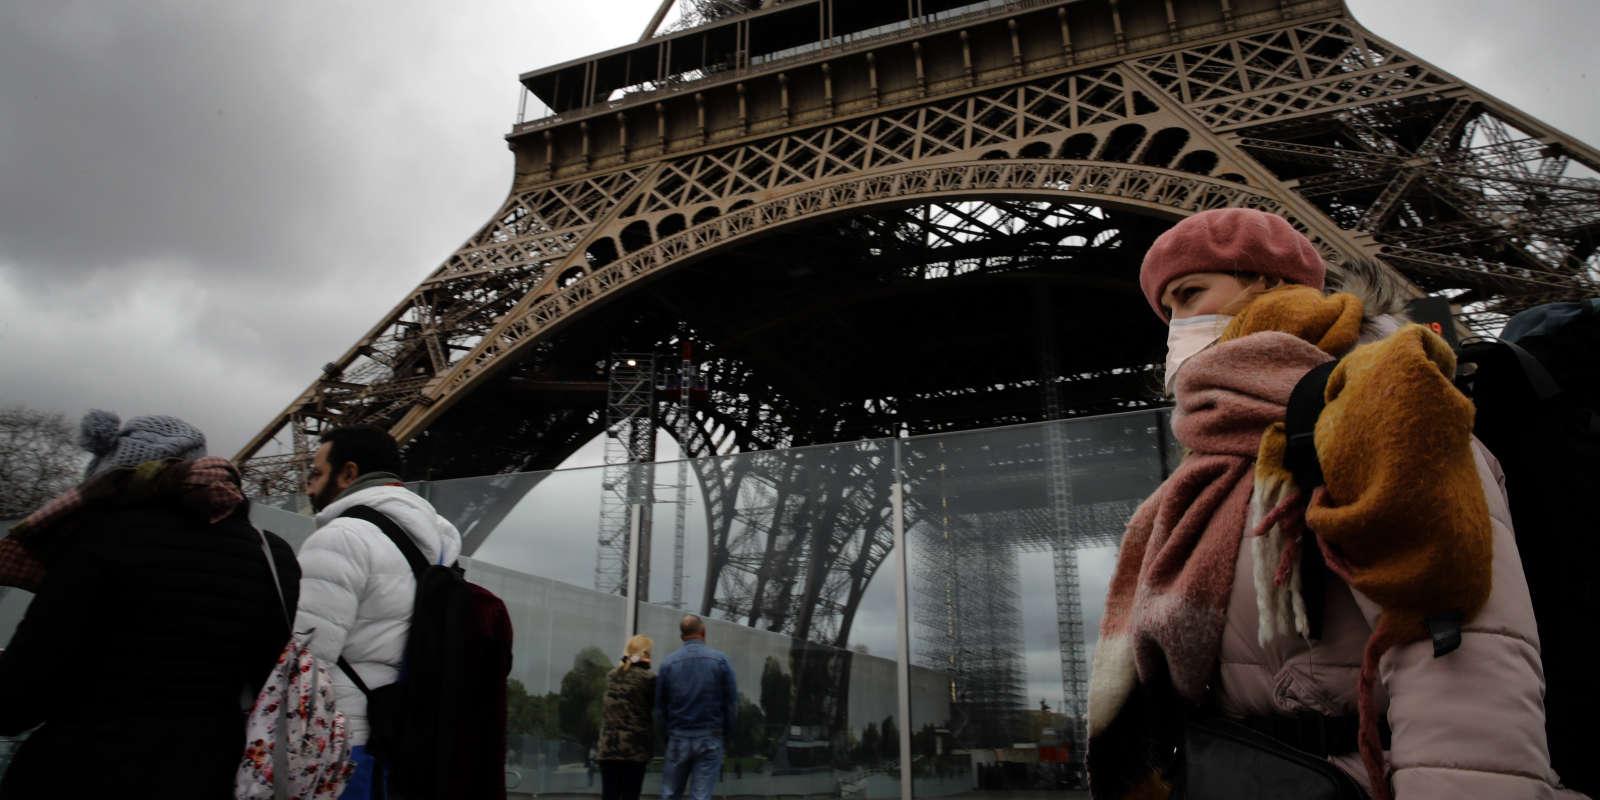 Edouard Philippe a annoncé samedi 14 mars au soir la fermeture dès minuit de tous les«lieux recevant du public non indispensables à la vie du pays ».